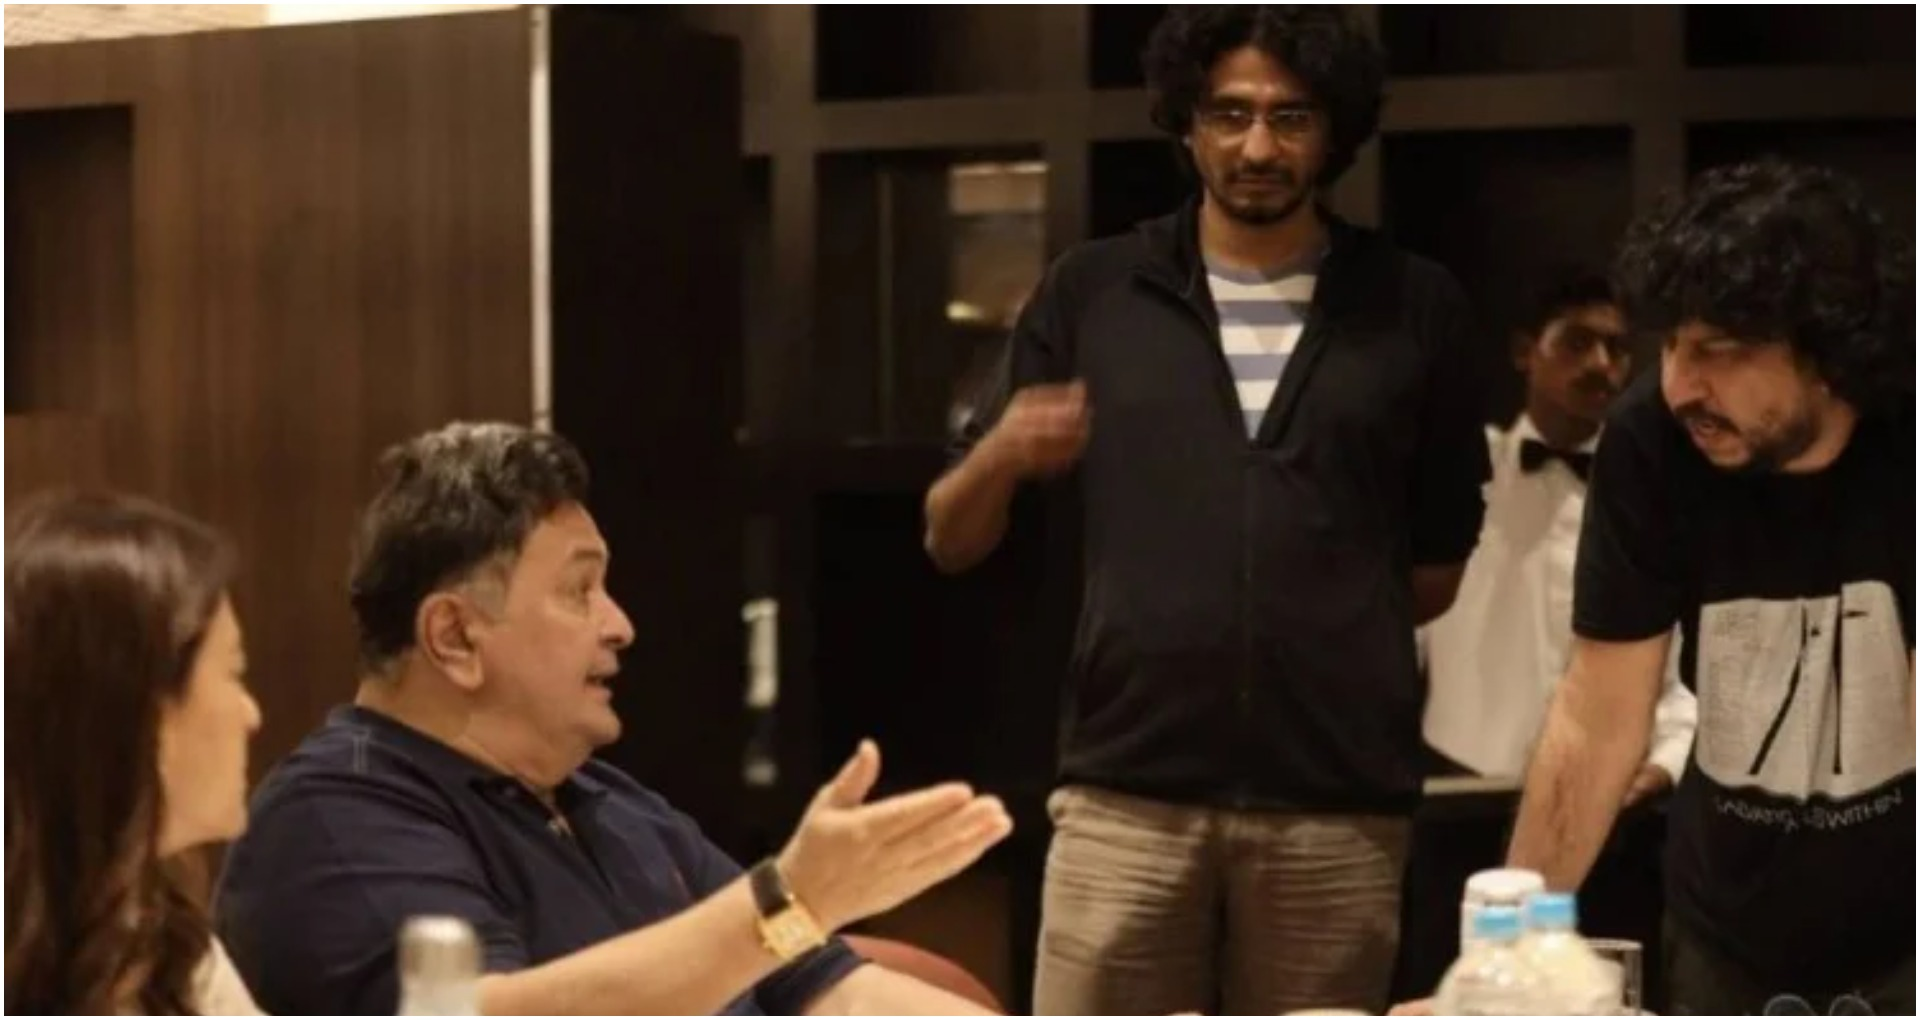 ऋषि कपूर की फिल्म 'शर्माजी नमकीन' का सस्पेंस हुआ खत्म, VFX तकनीक का उपयोग कर पूरी की जाएगी फिल्म